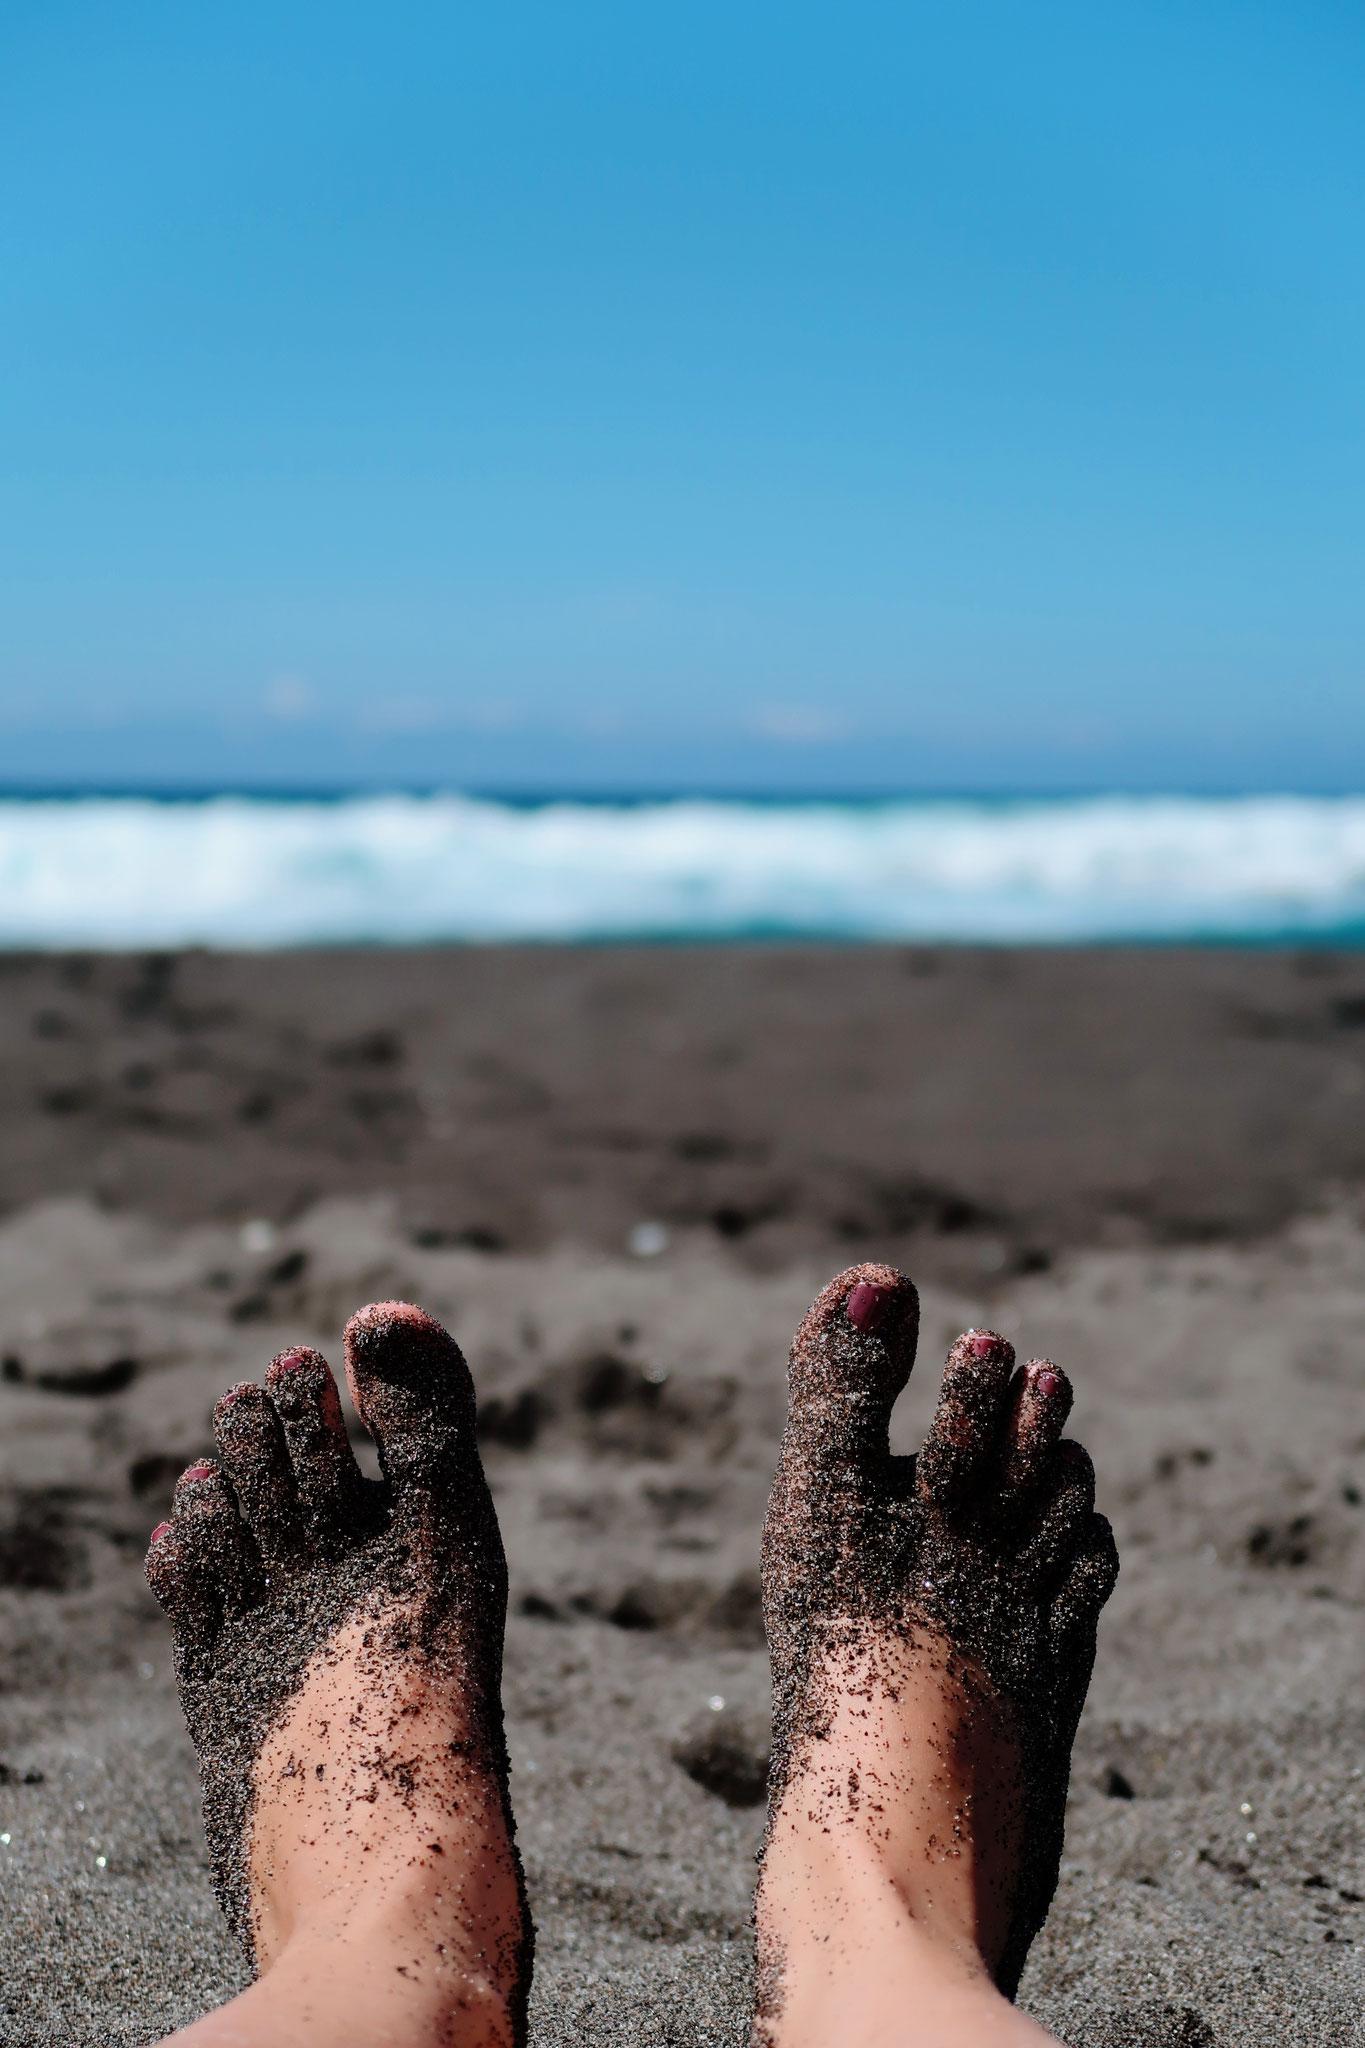 Praia de Santa Barbara - Sao Miguel